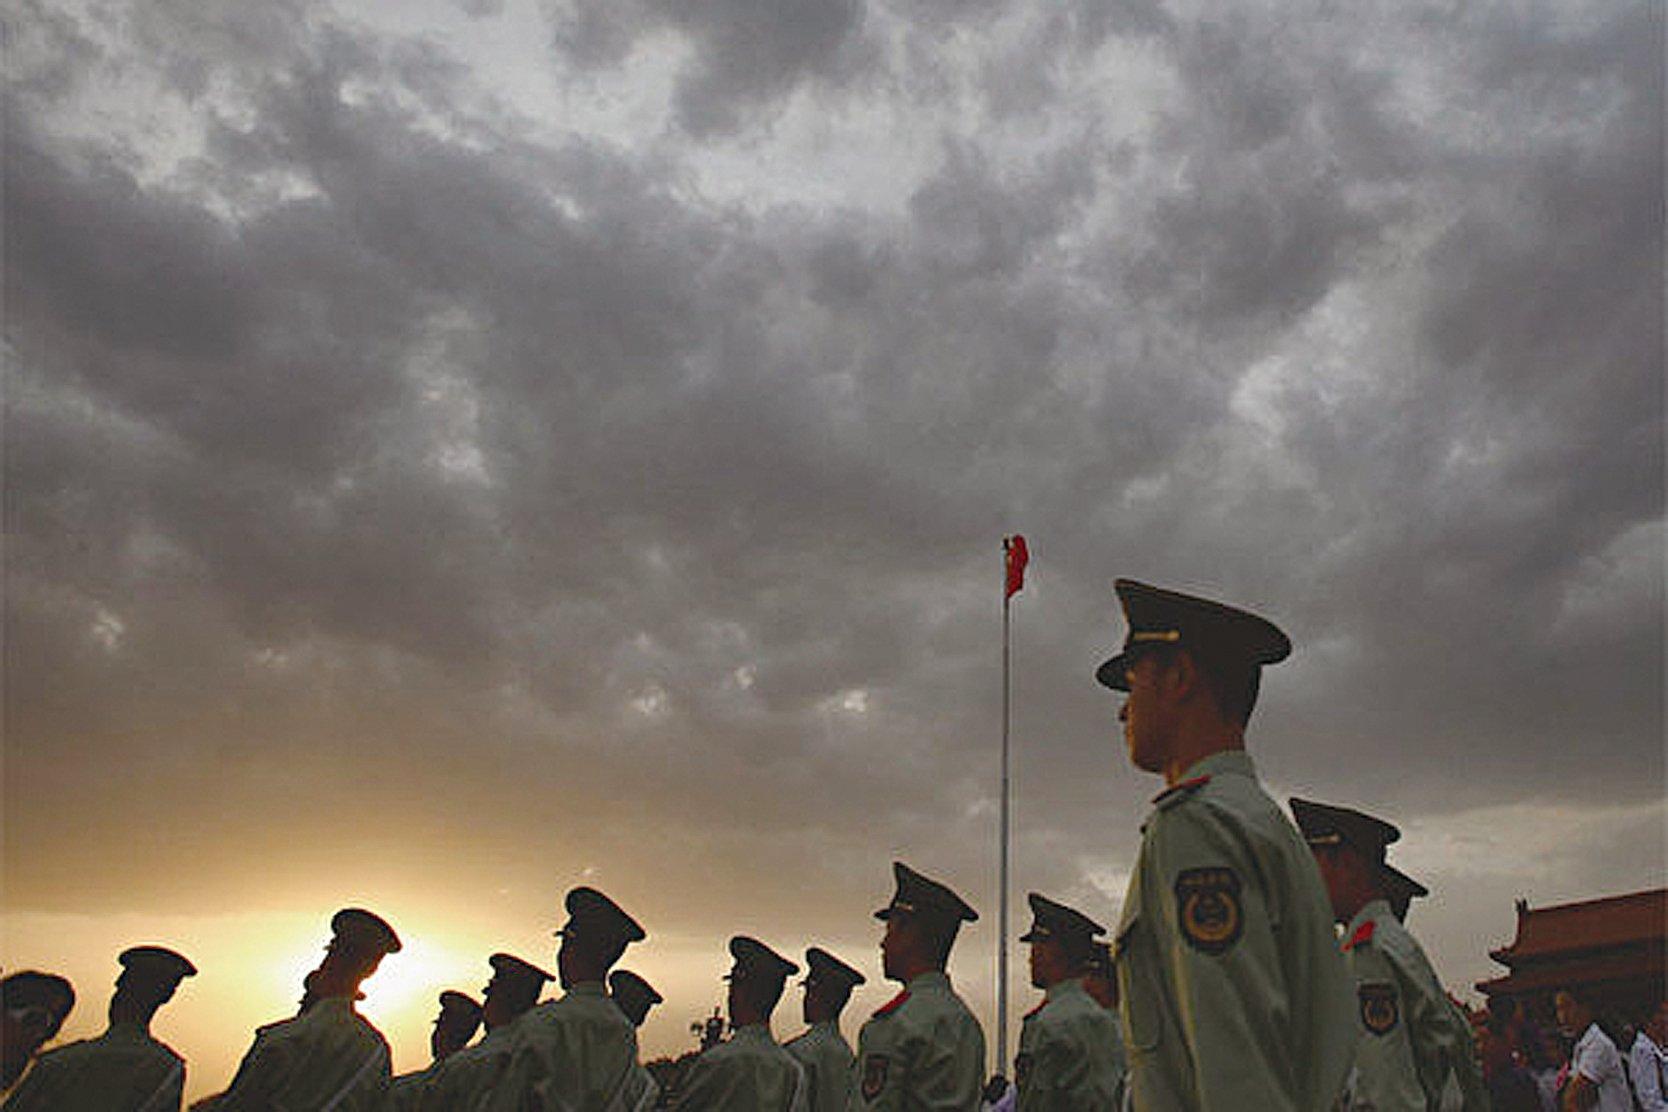 2019年2月25日,美國司法部副部長批評中共所說的「全面依法治國」實際上是把法律當成統治工具,是依靠法律統治(rule through law),而不是西方所說的「法治」(rule of law)。圖為在北京的中共警察。(Getty images)